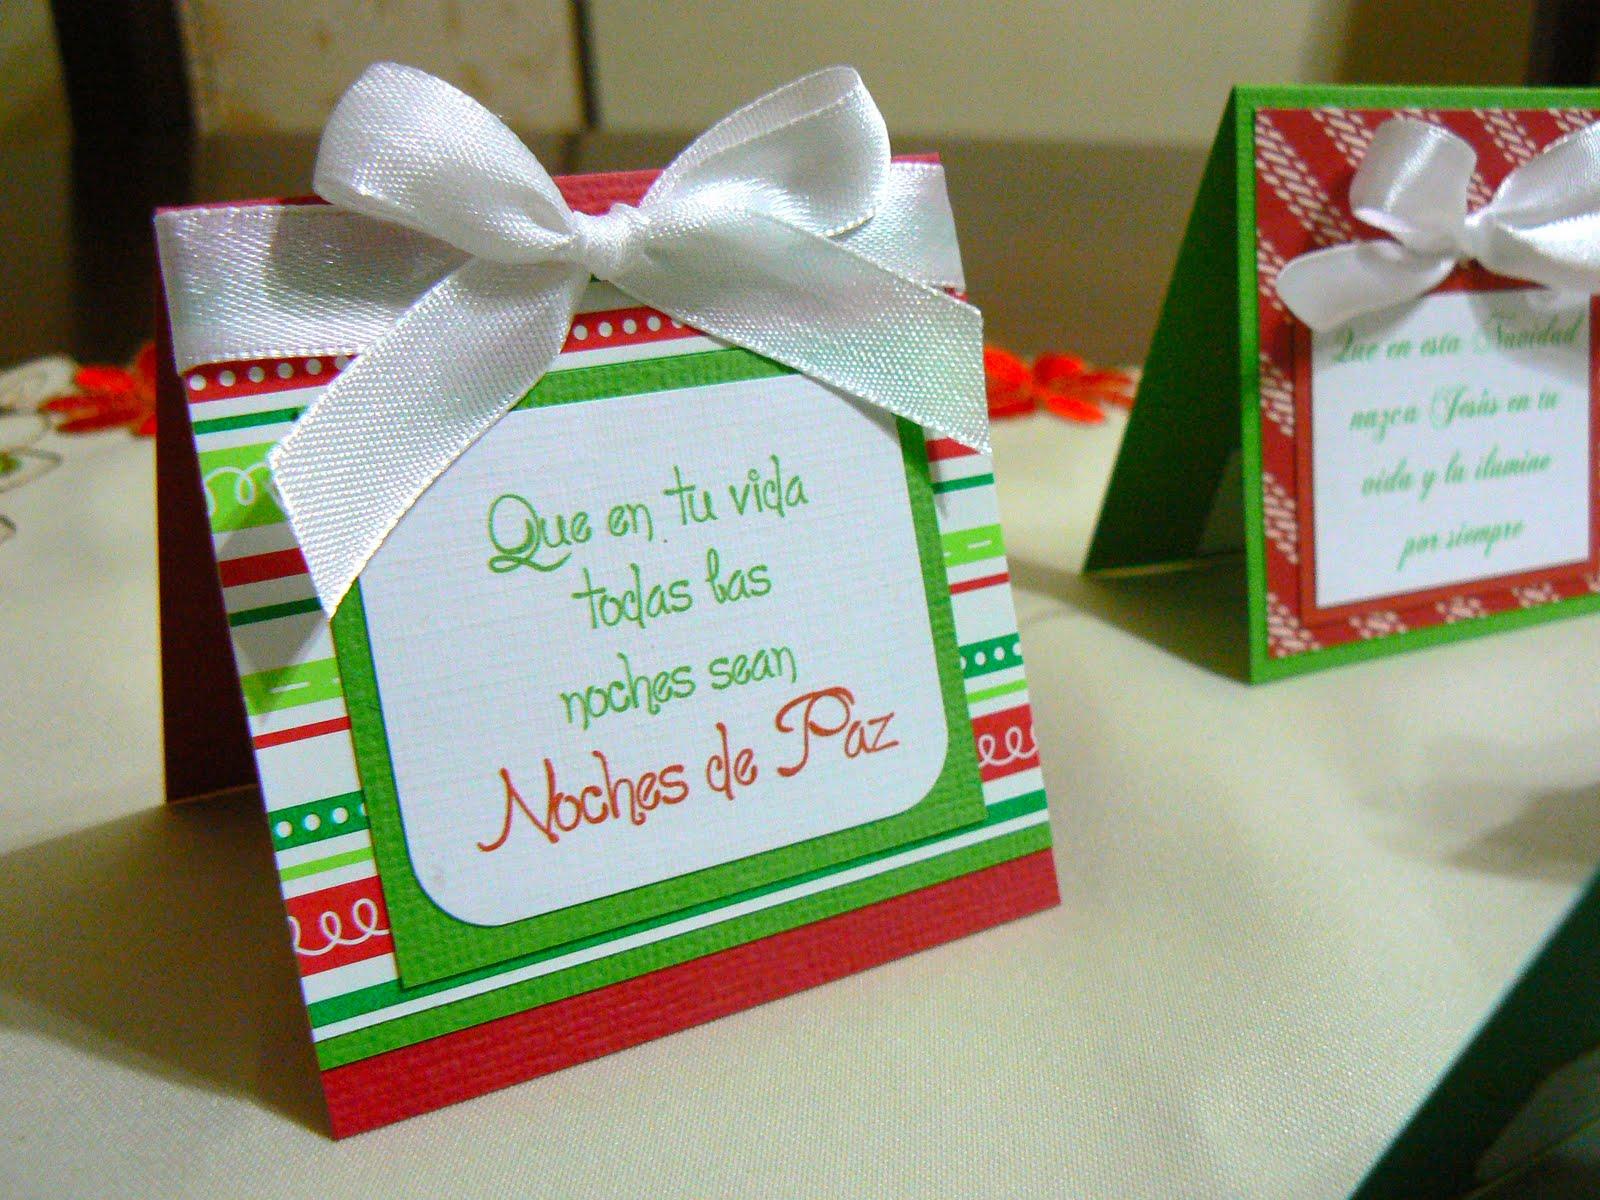 Tic tac tarjetas sociales navidad regal felicidad junto - Detalles de navidad manualidades ...